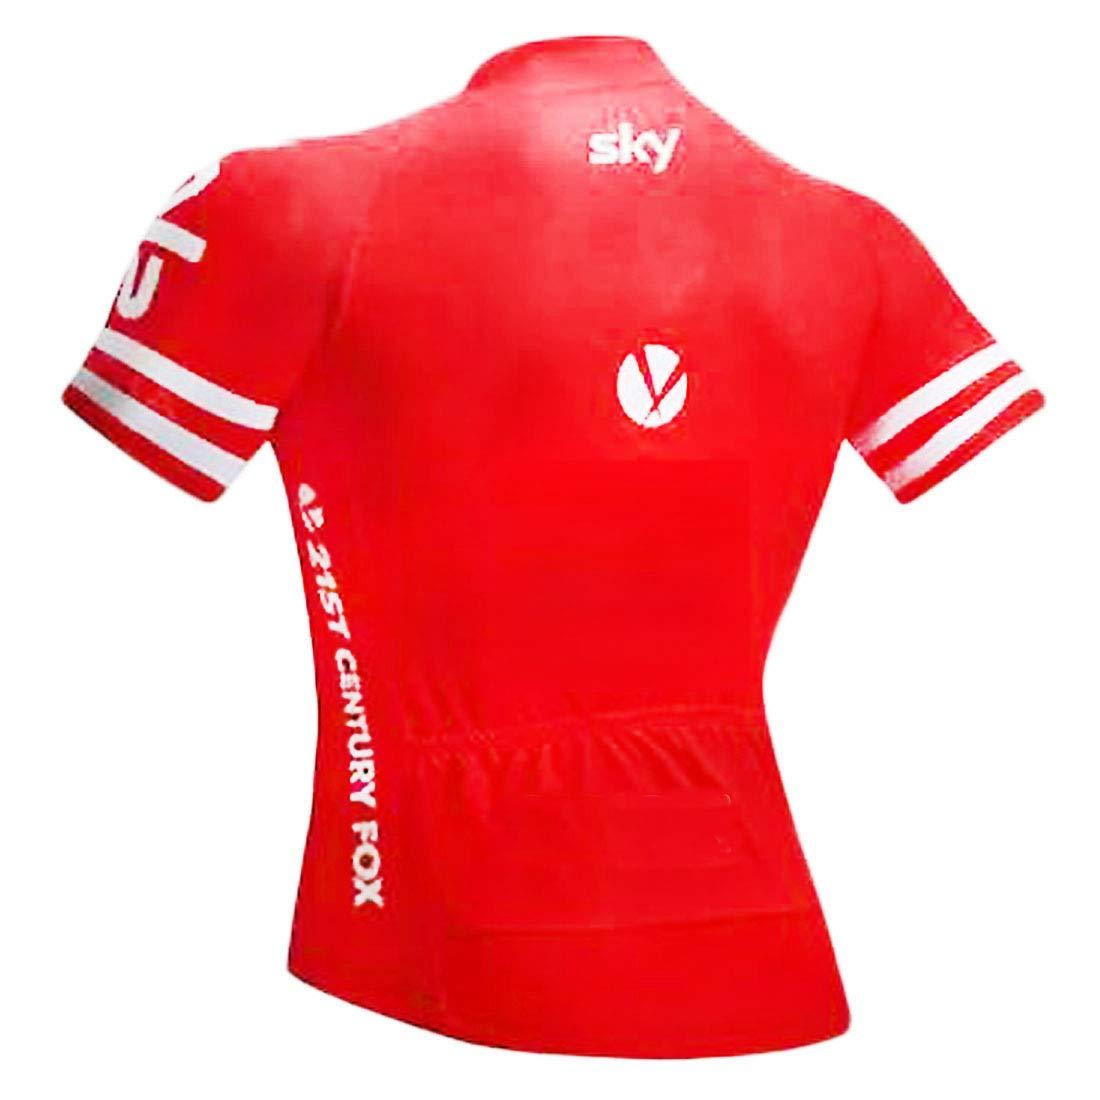 ZCFX,Kurzarm-Trikotanzug im Freien,Sky Kurzhülse Tragen Jersey-Klage,Sommer-Team-Fahrrad-Uniform-Radfahren-Radsport-Hosen,Radfahren Tragen Kurzhülse 63d404